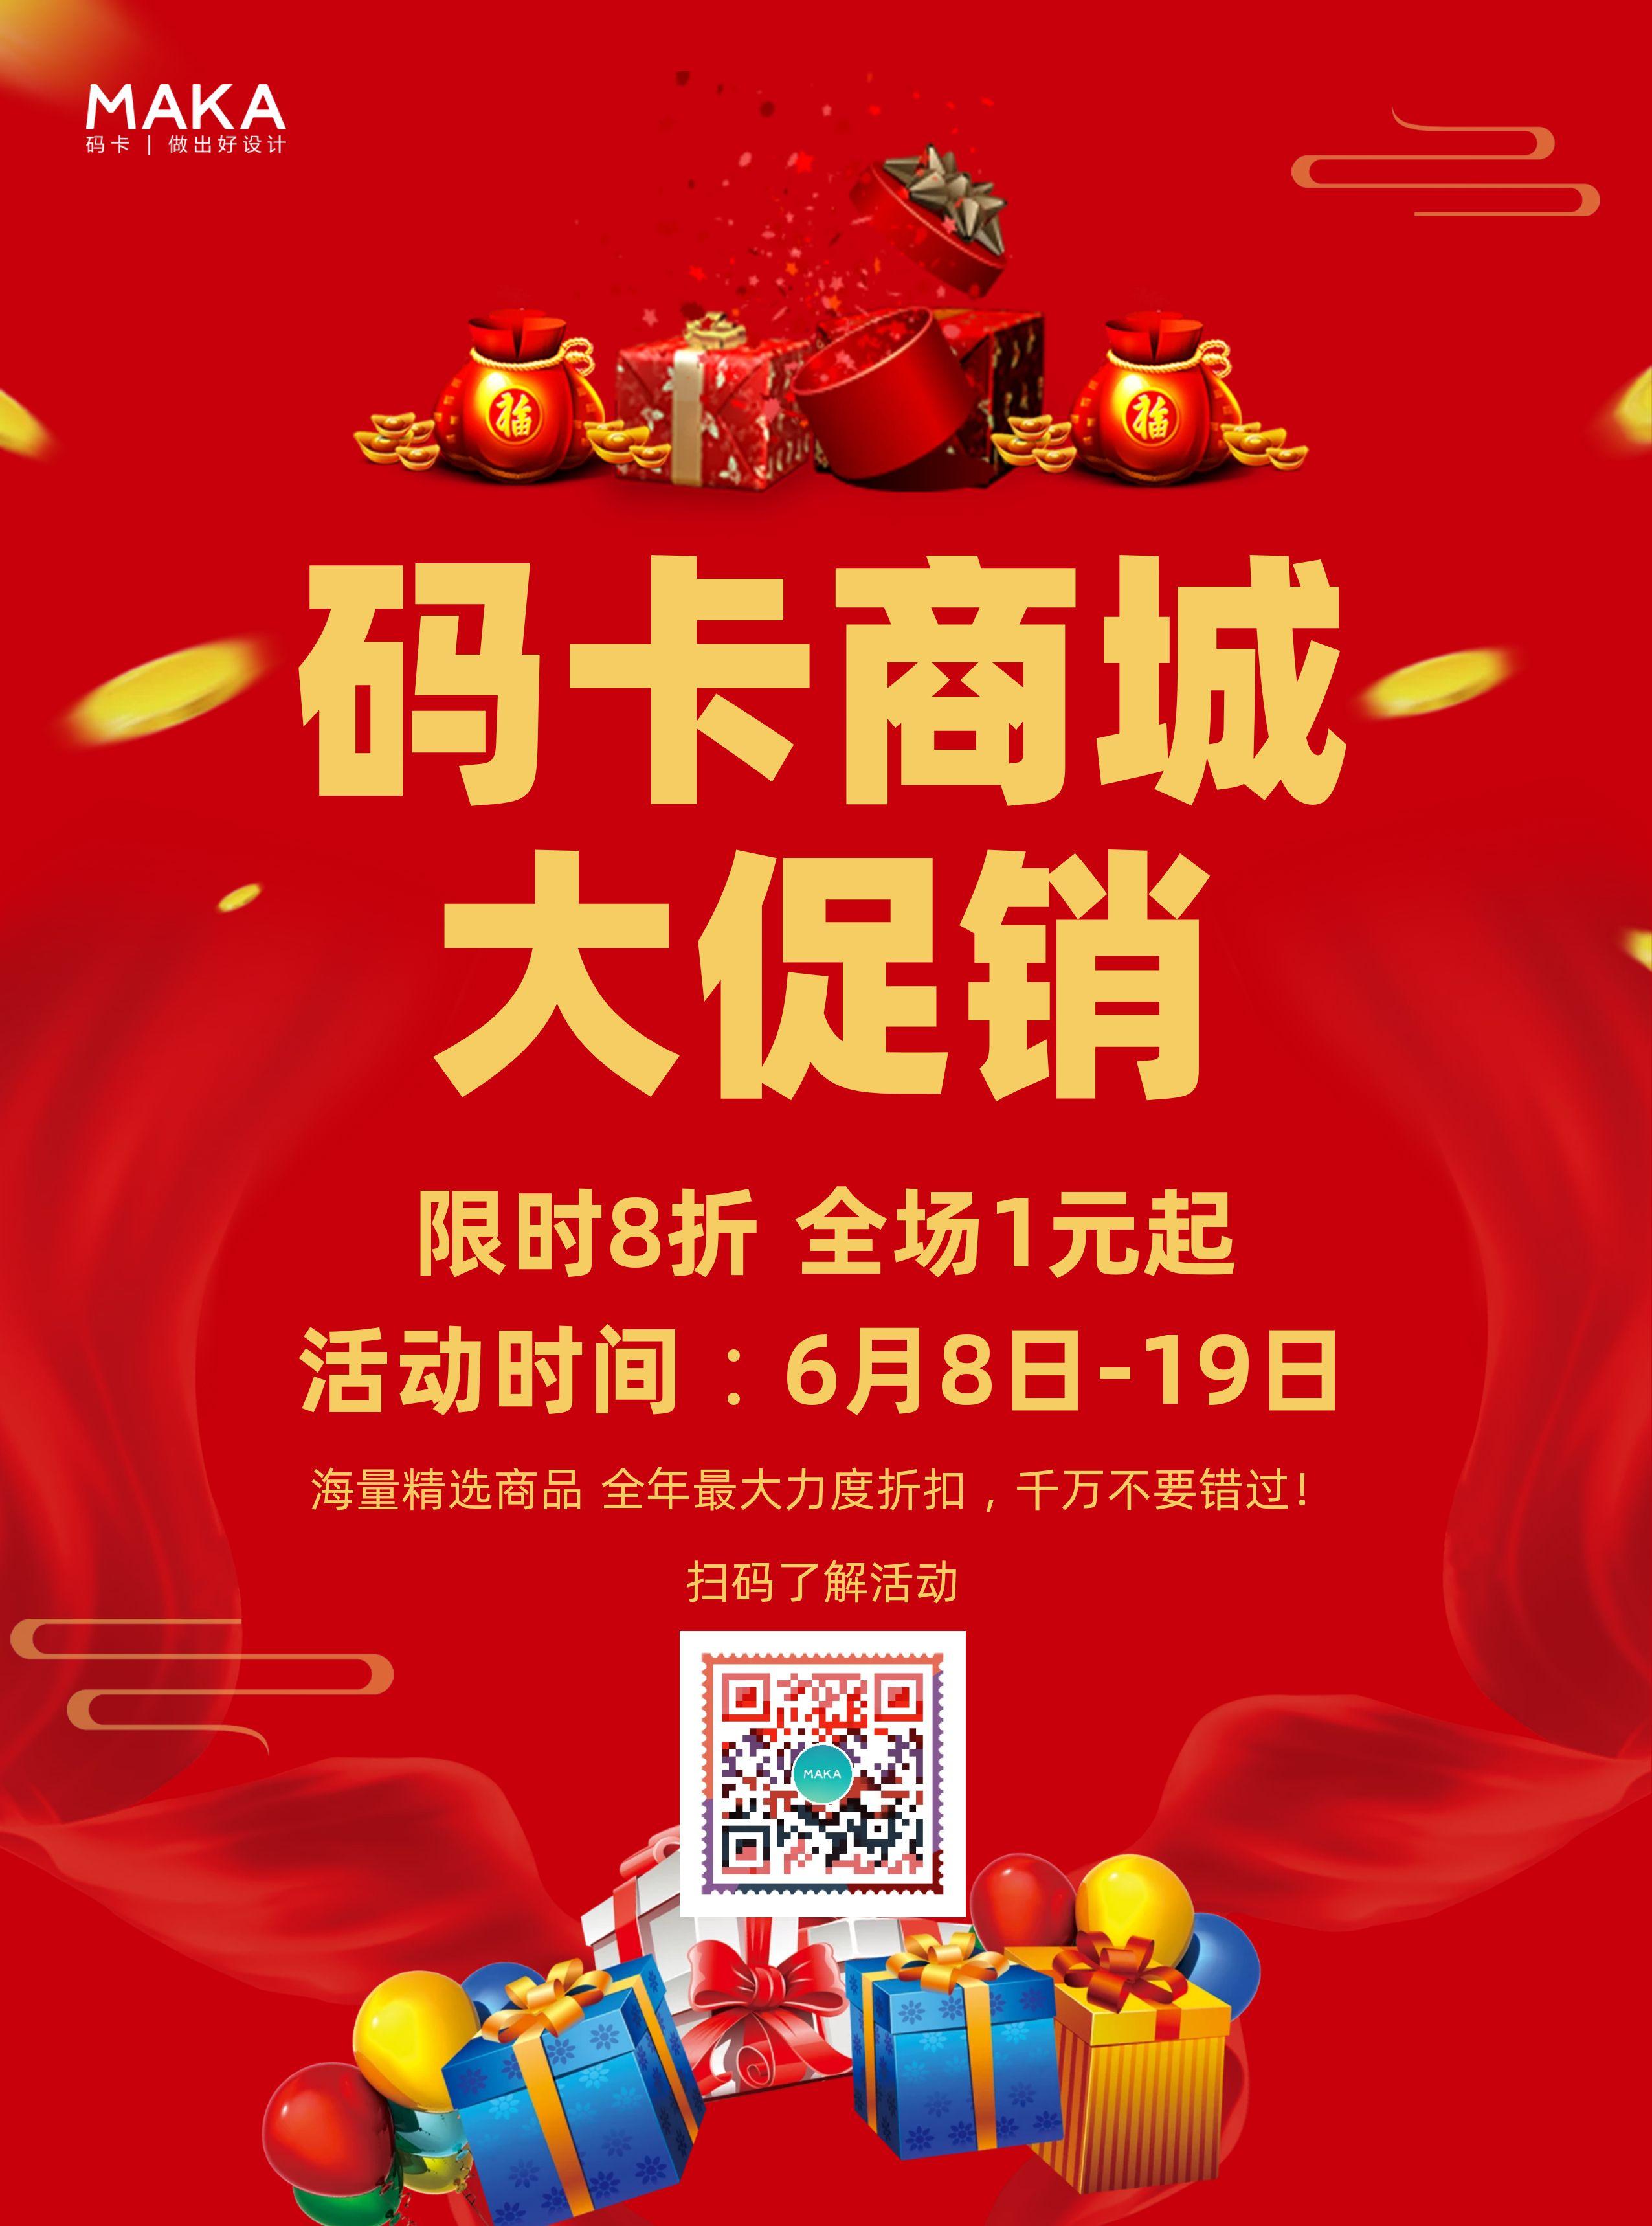 红色喜庆扁平简约风商城/超市优惠活动大促销通知宣传推广宣传单